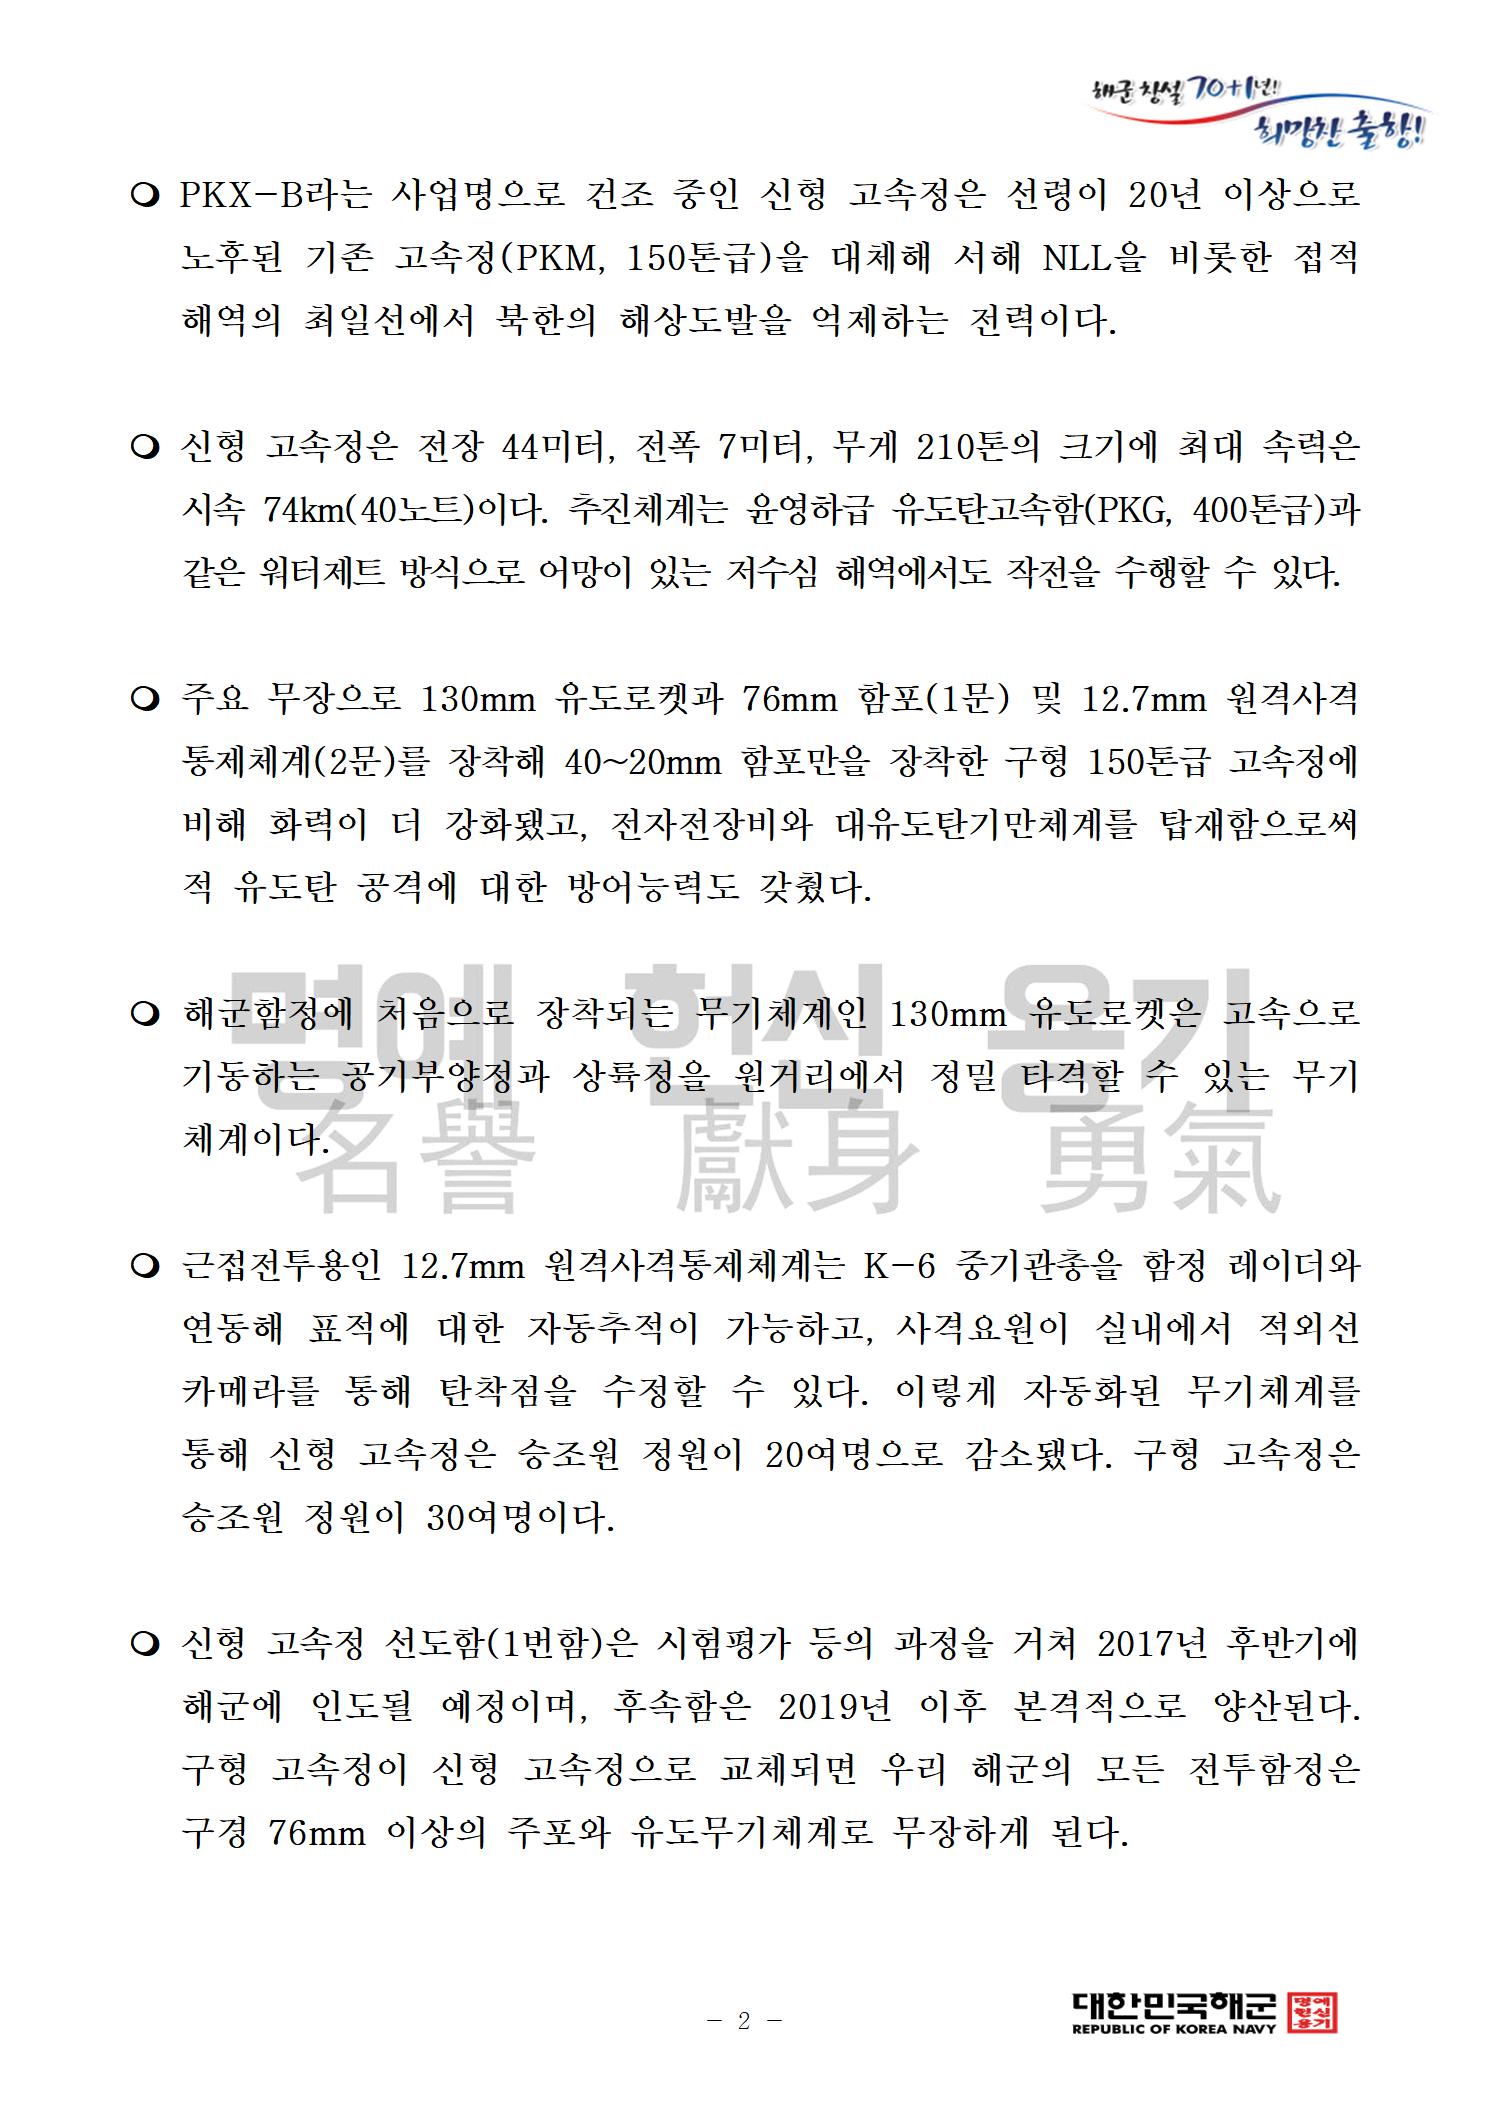 신형 고속정 PKMR 선도함 진수 보도자료002.png